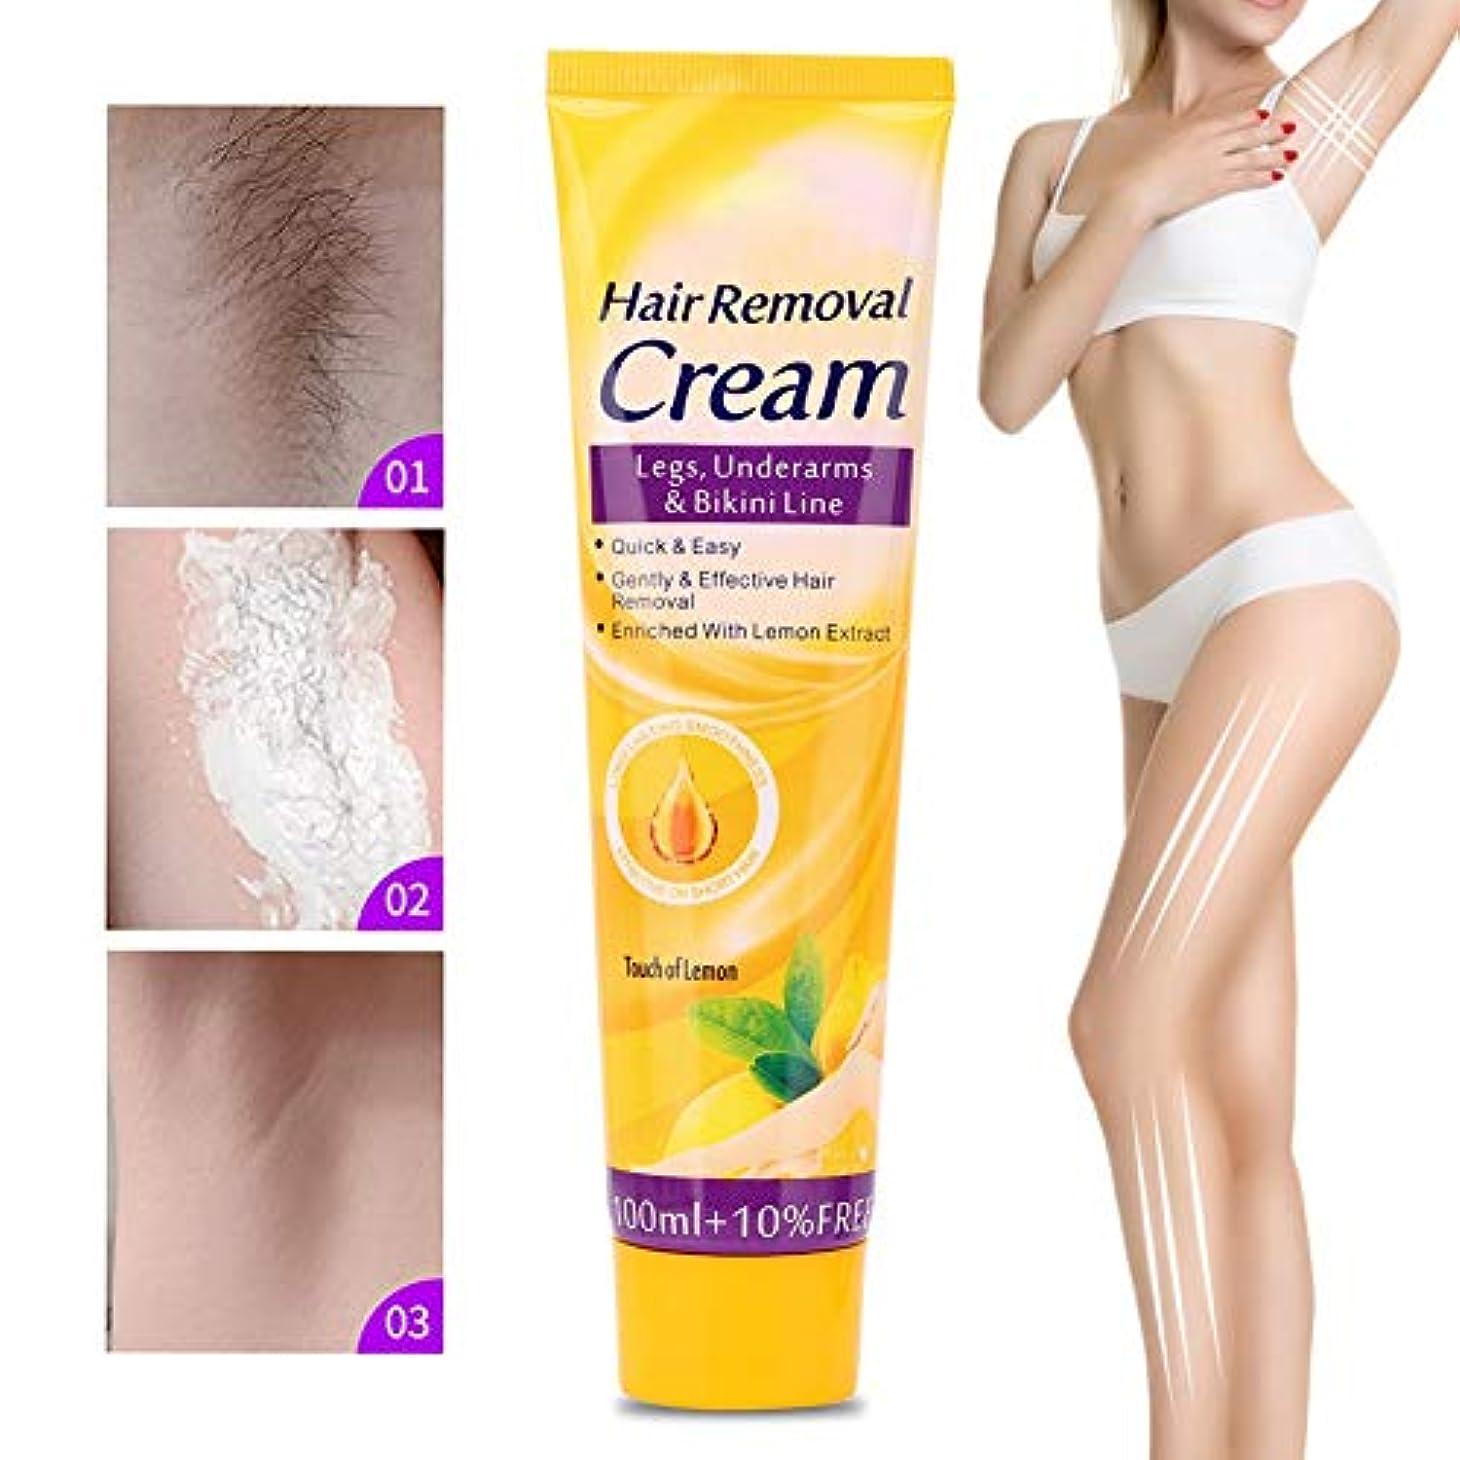 ポーズ舗装する必要とする男女兼用の脱毛クリーム、穏やかな痛みのない安全な脱毛クリームを使用するのに便利簡単に太い髪の除去脚の腕に使用される滑らかで柔らかい肌